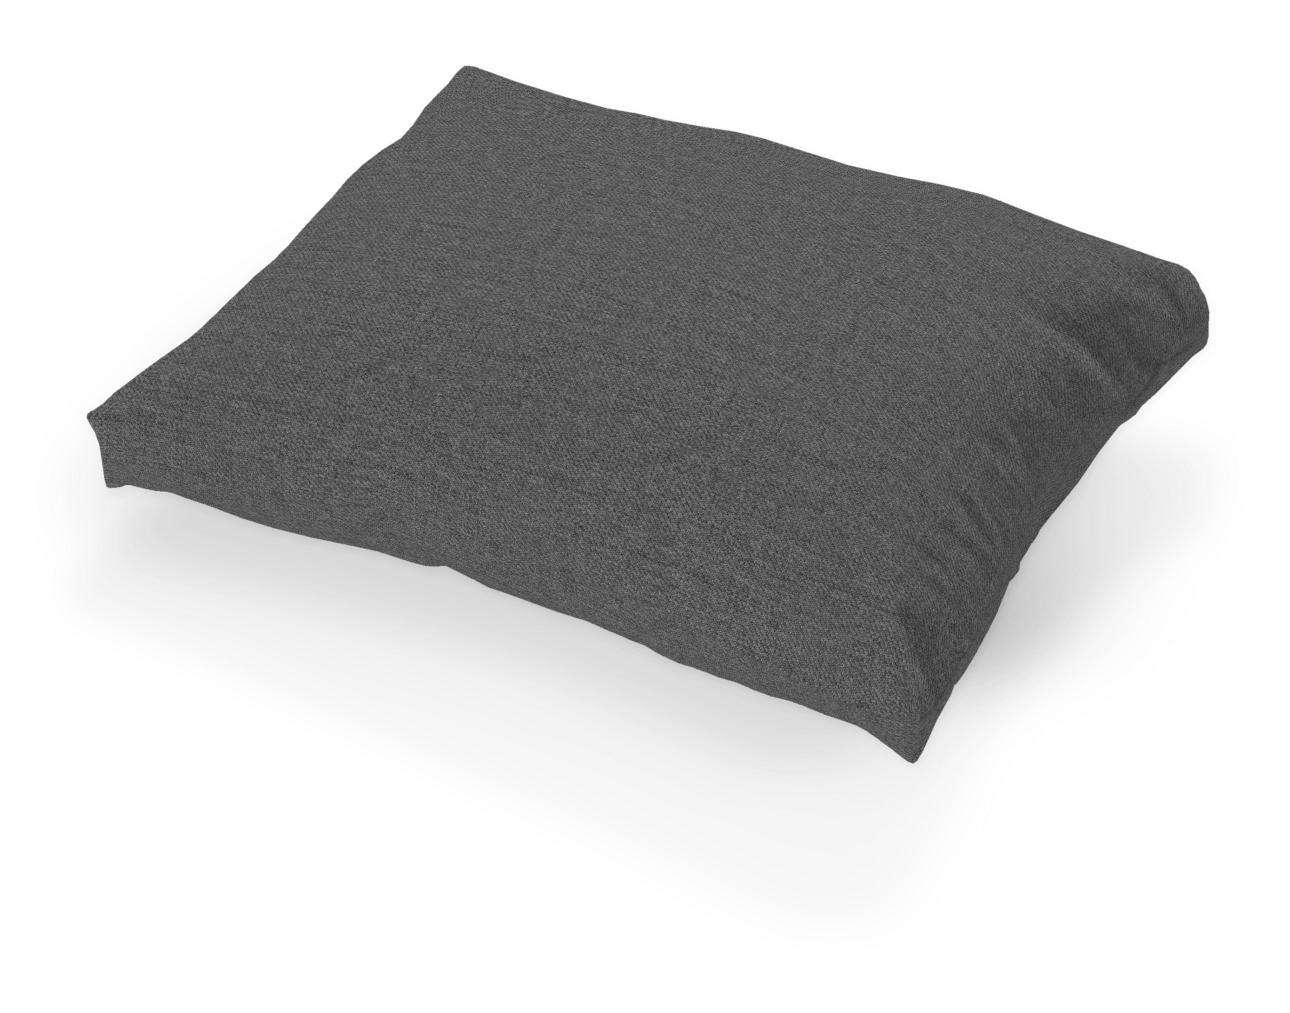 Tylösand pagalvėlės užvalkalas Tylösand pagalvėlė kolekcijoje Edinburgh , audinys: 115-77